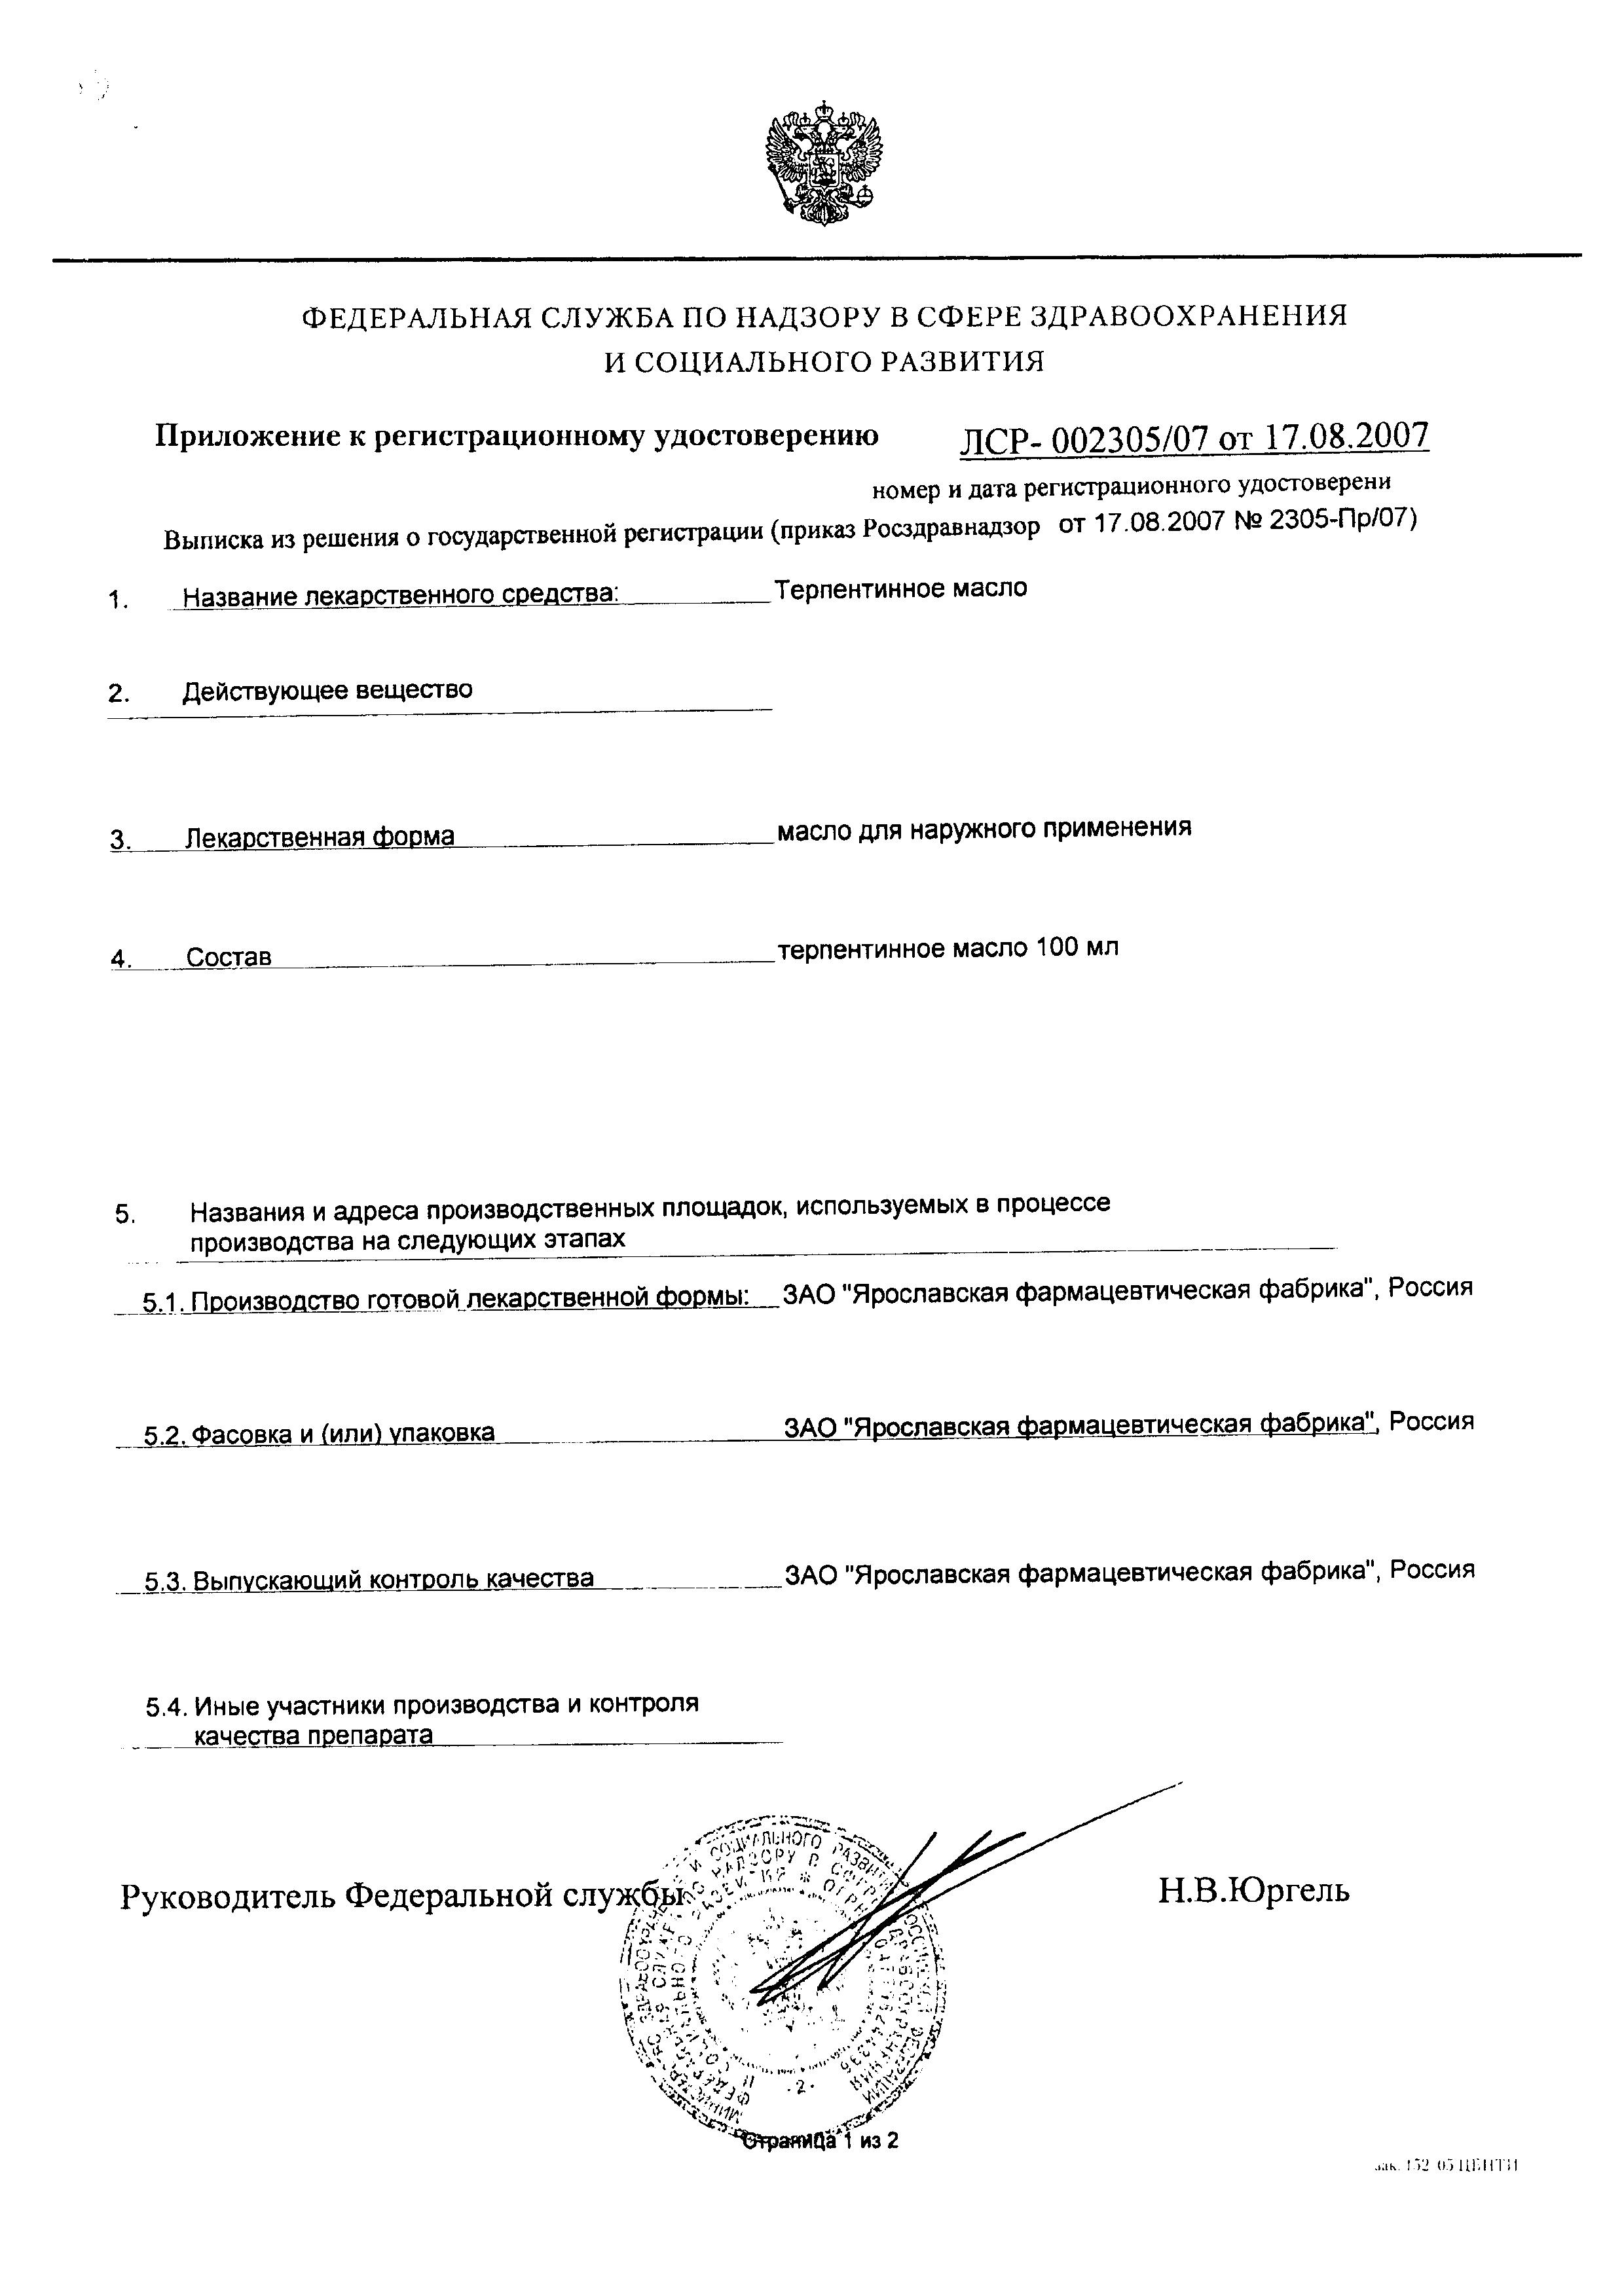 Терпентинное масло сертификат